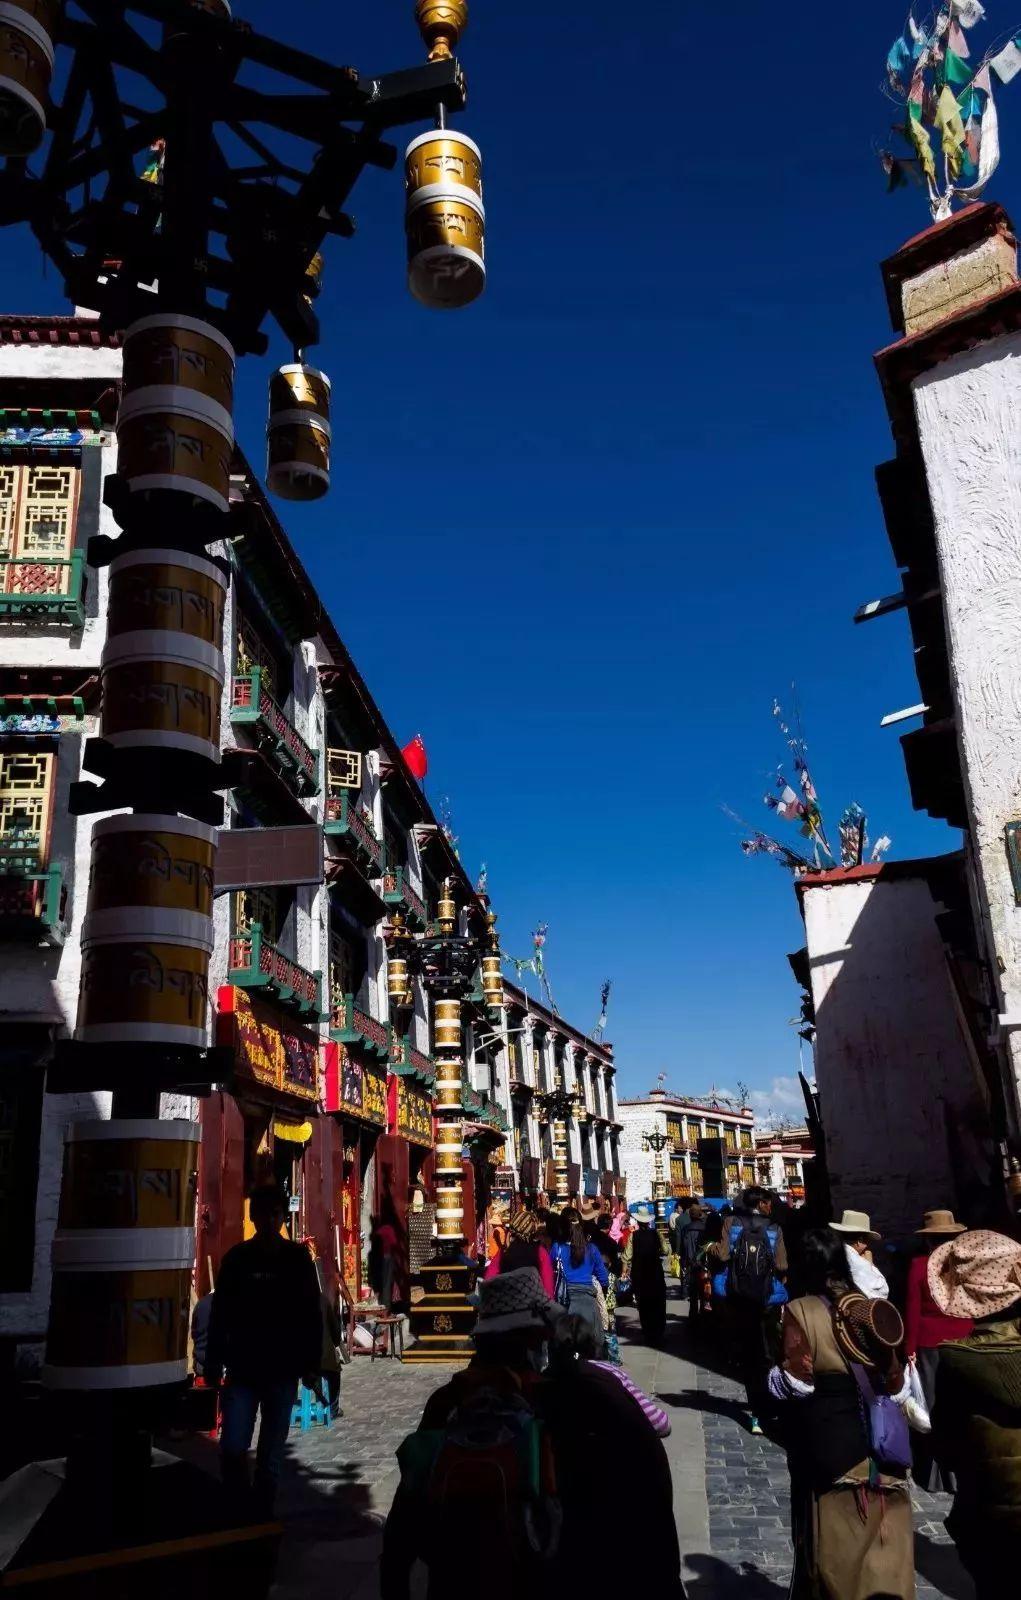 西藏十大热门网红地,2018年末你准备去哪里打卡呢?